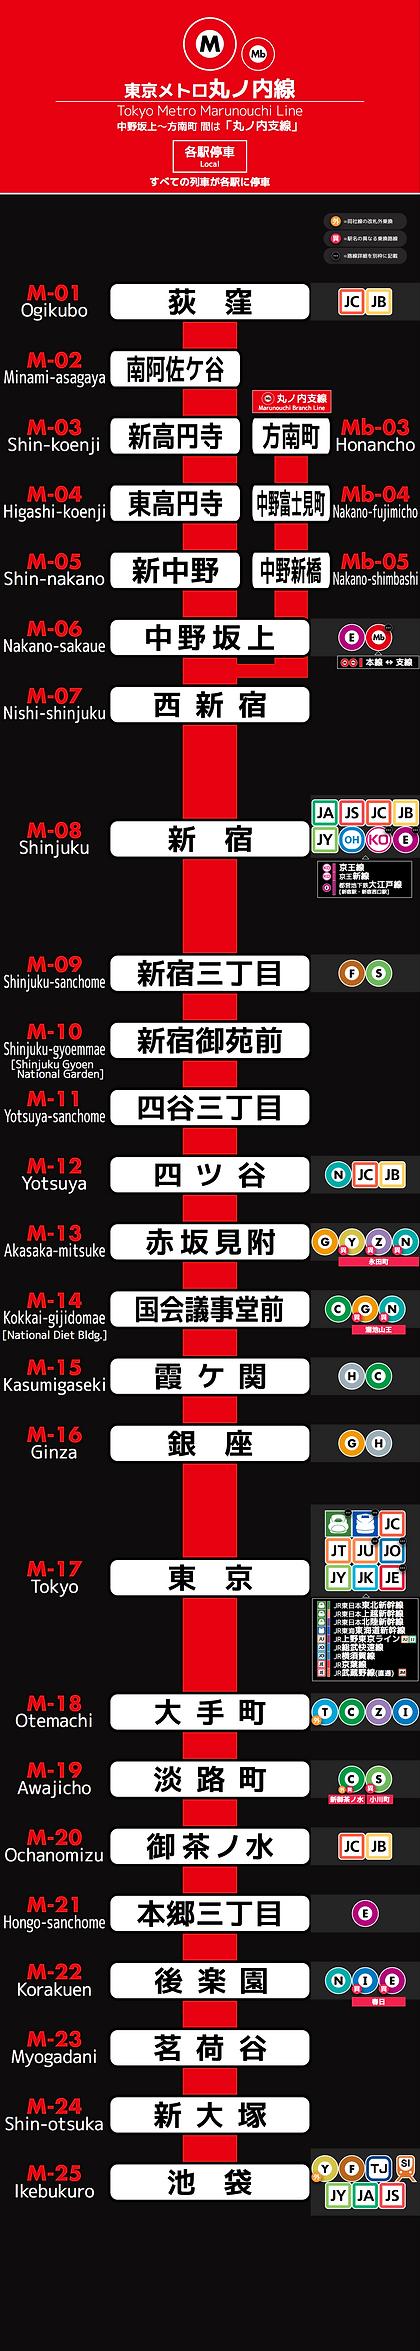 東京メトロ丸ノ内線_2019-05-22.png